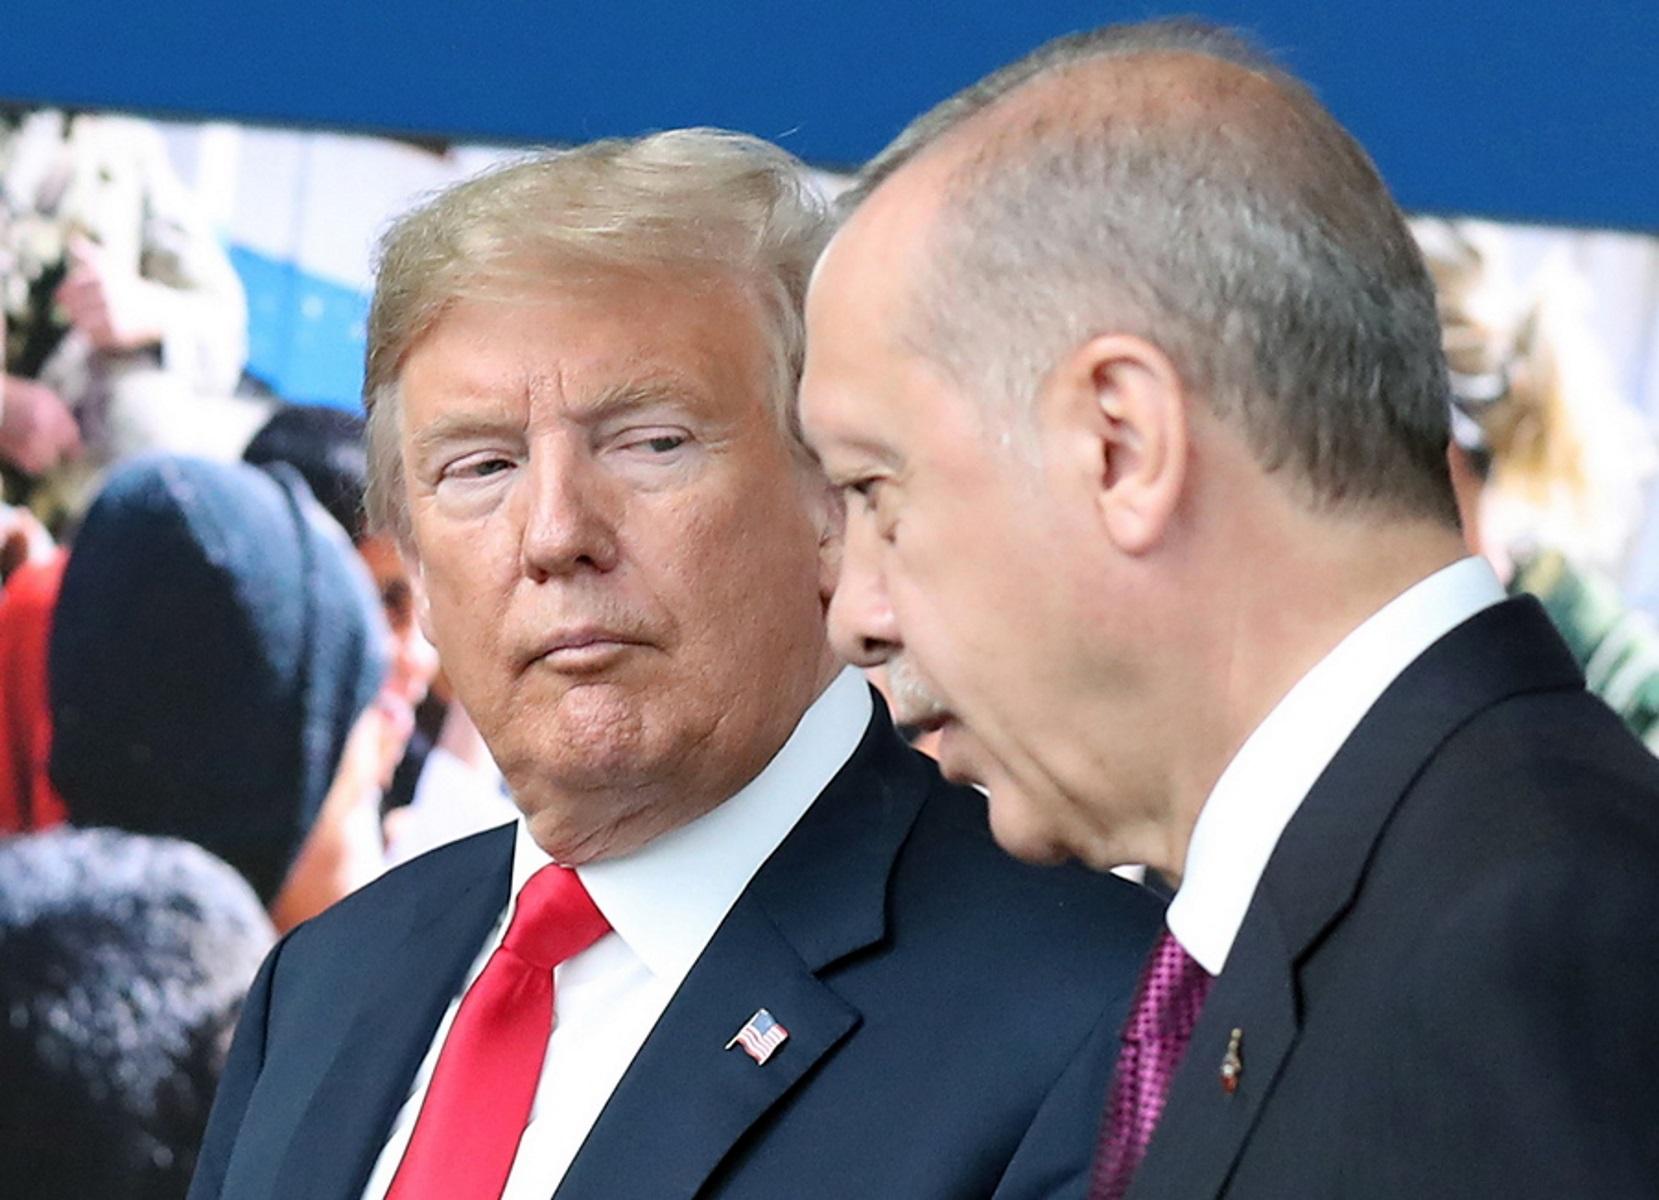 Εξηγήσεις για την αναγνώριση της Γενοκτονίας των Αρμενίων απαιτεί η Άγκυρα – Κάλεσε τον Αμερικανό πρεσβευτή ο Τσαβούσογλου